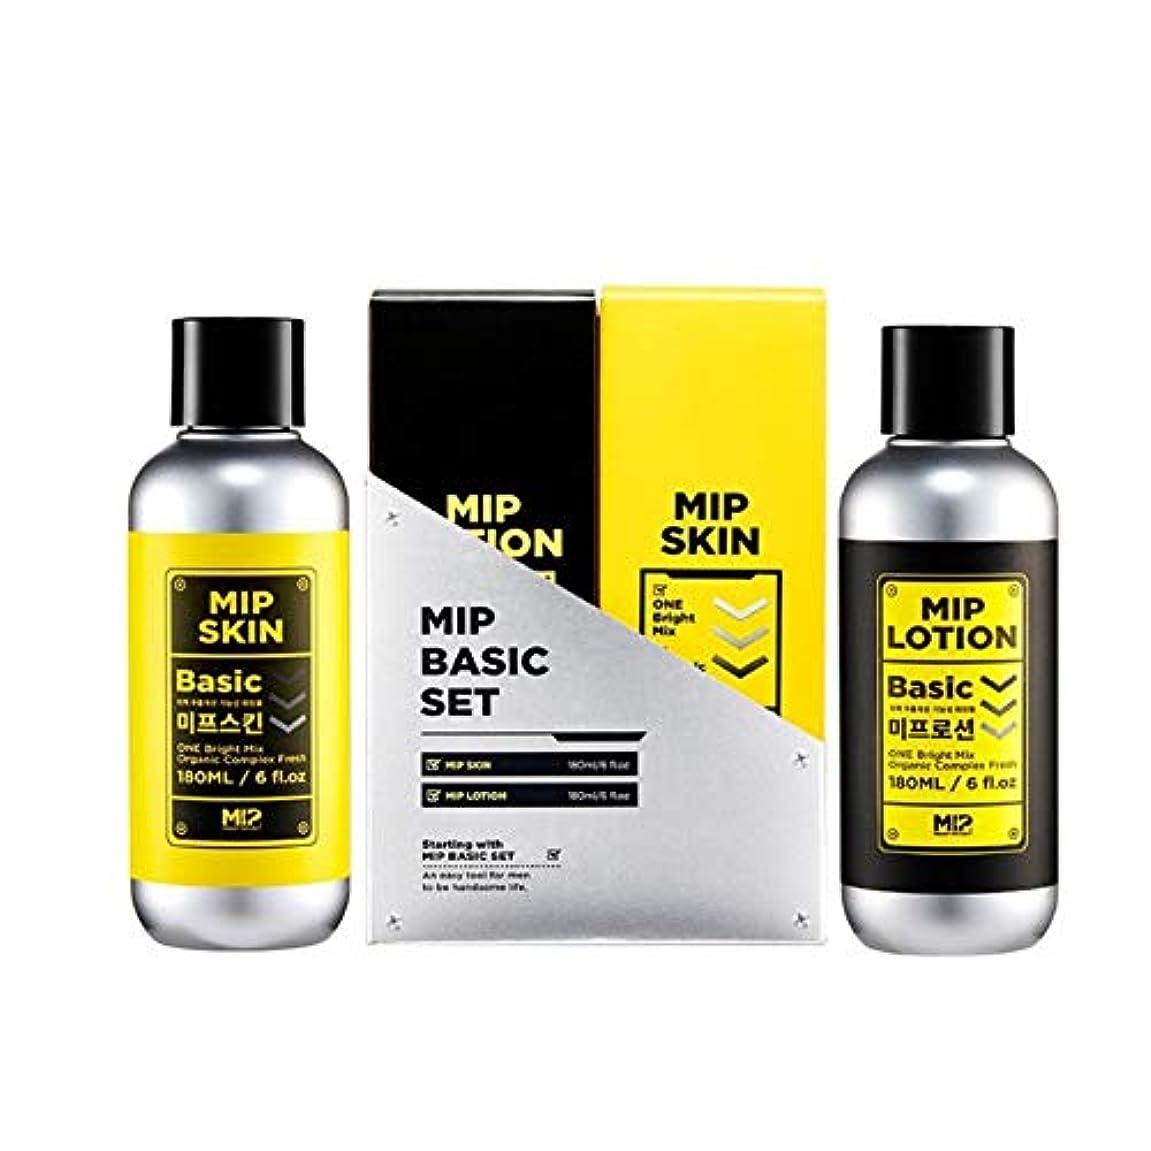 実行可能提供お世話になったミップスキン180mlローション180mlセットメンズコスメ韓国コスメ、Mip Skin 180ml Lotion 180ml Set Men's Cosmetics Korean Cosmetics [並行輸入品]